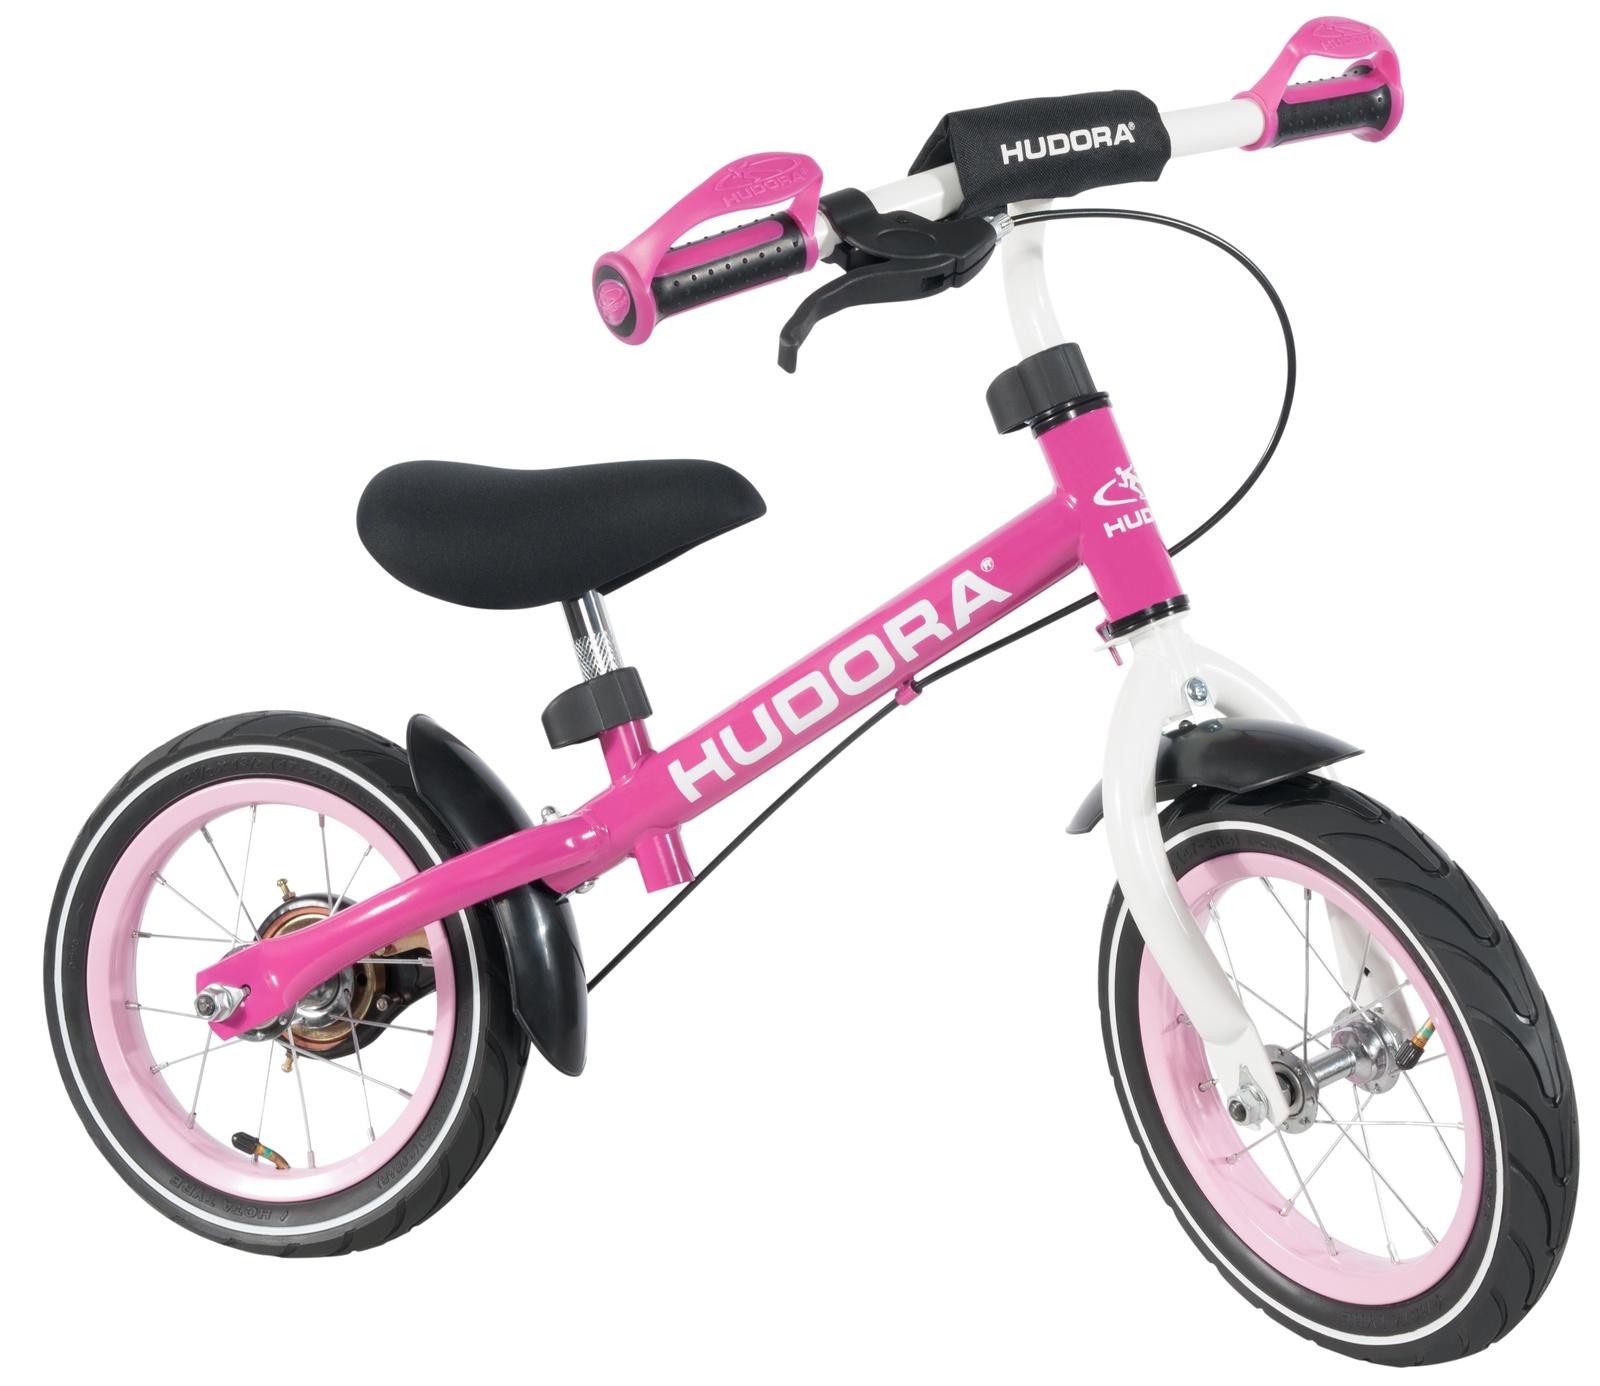 беговелы Беговел HUDORA Беговел Running bike Ratzfratz Air, 12, розовый, 10033/01, розовый